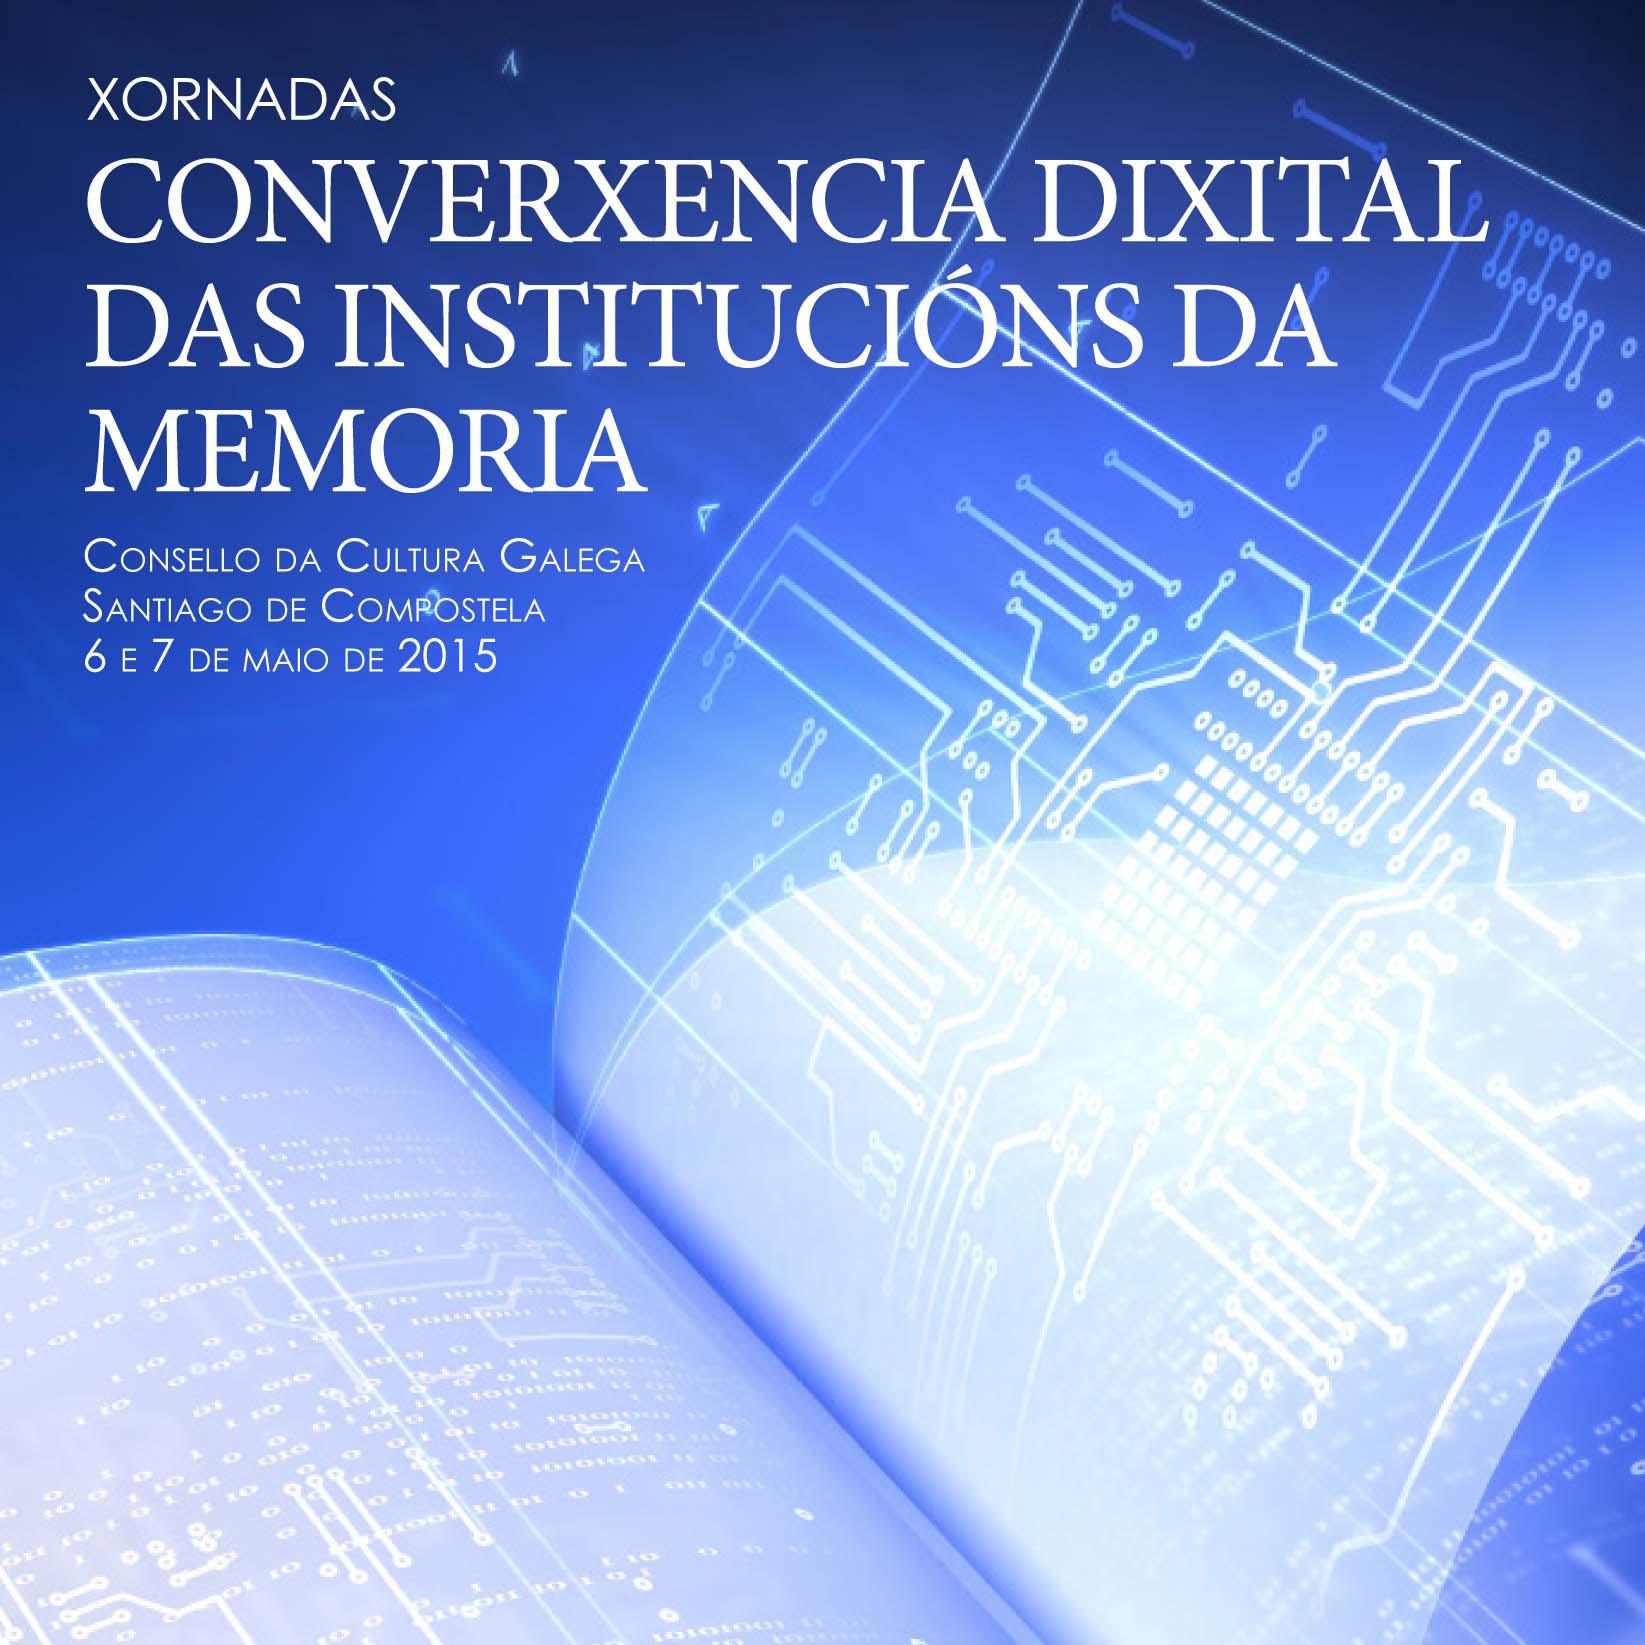 Converxencia dixital das institucións da memoria